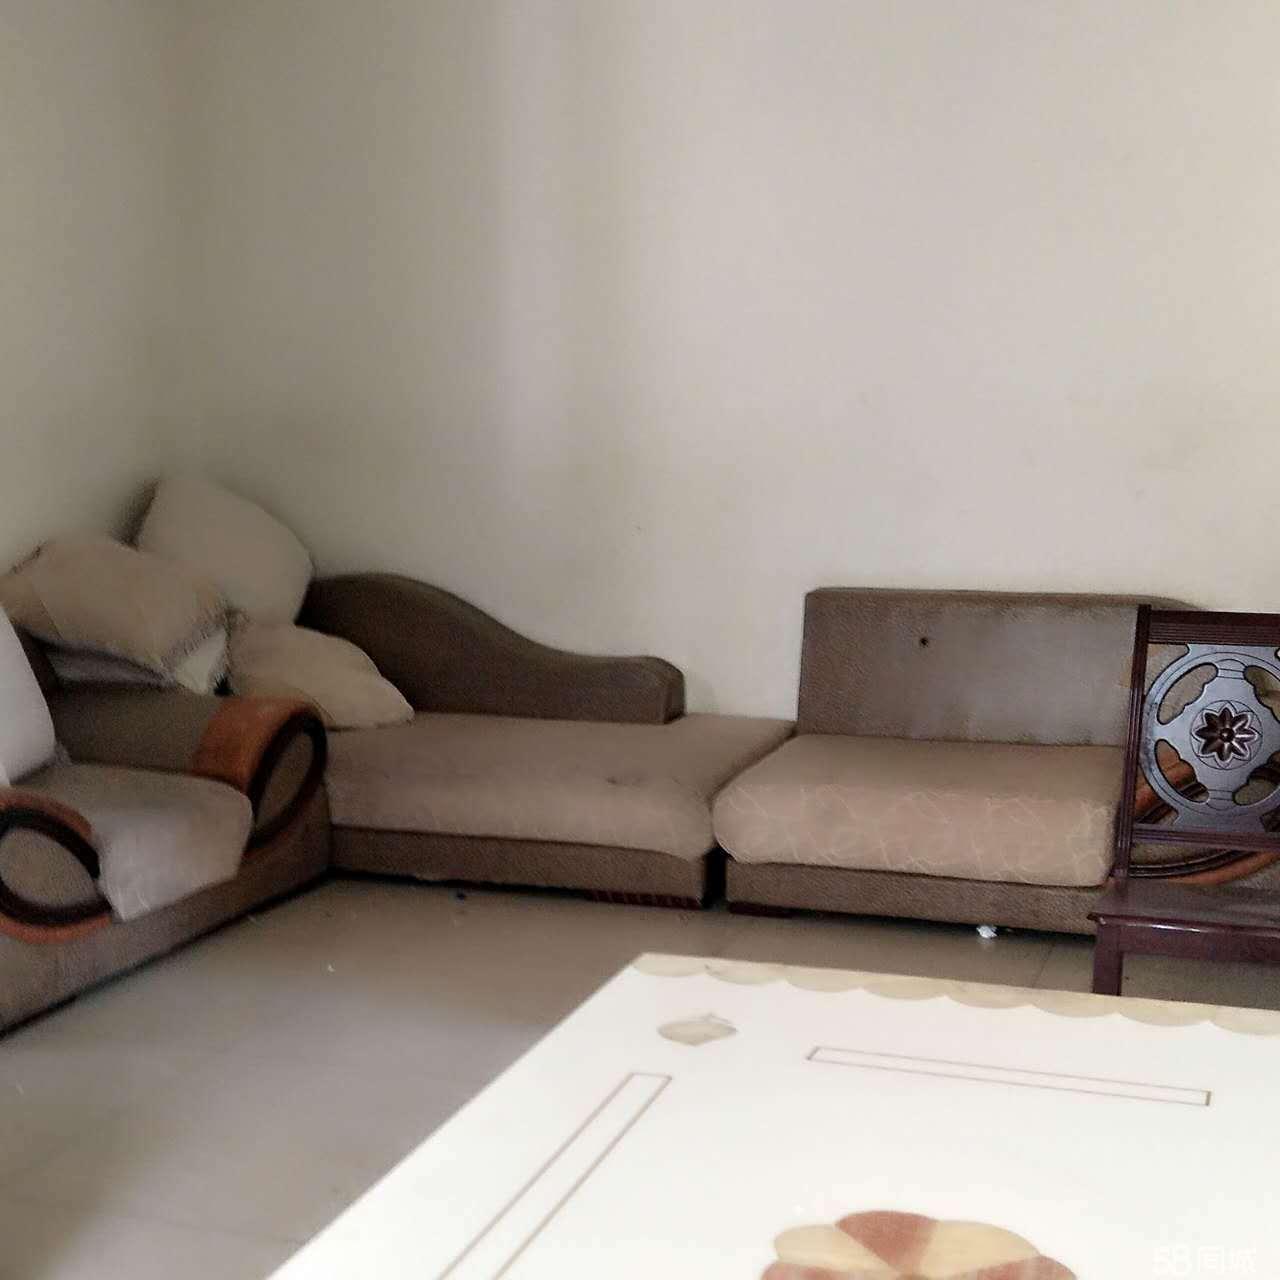 安居安居城中心2室2厅80平米简单装修年付